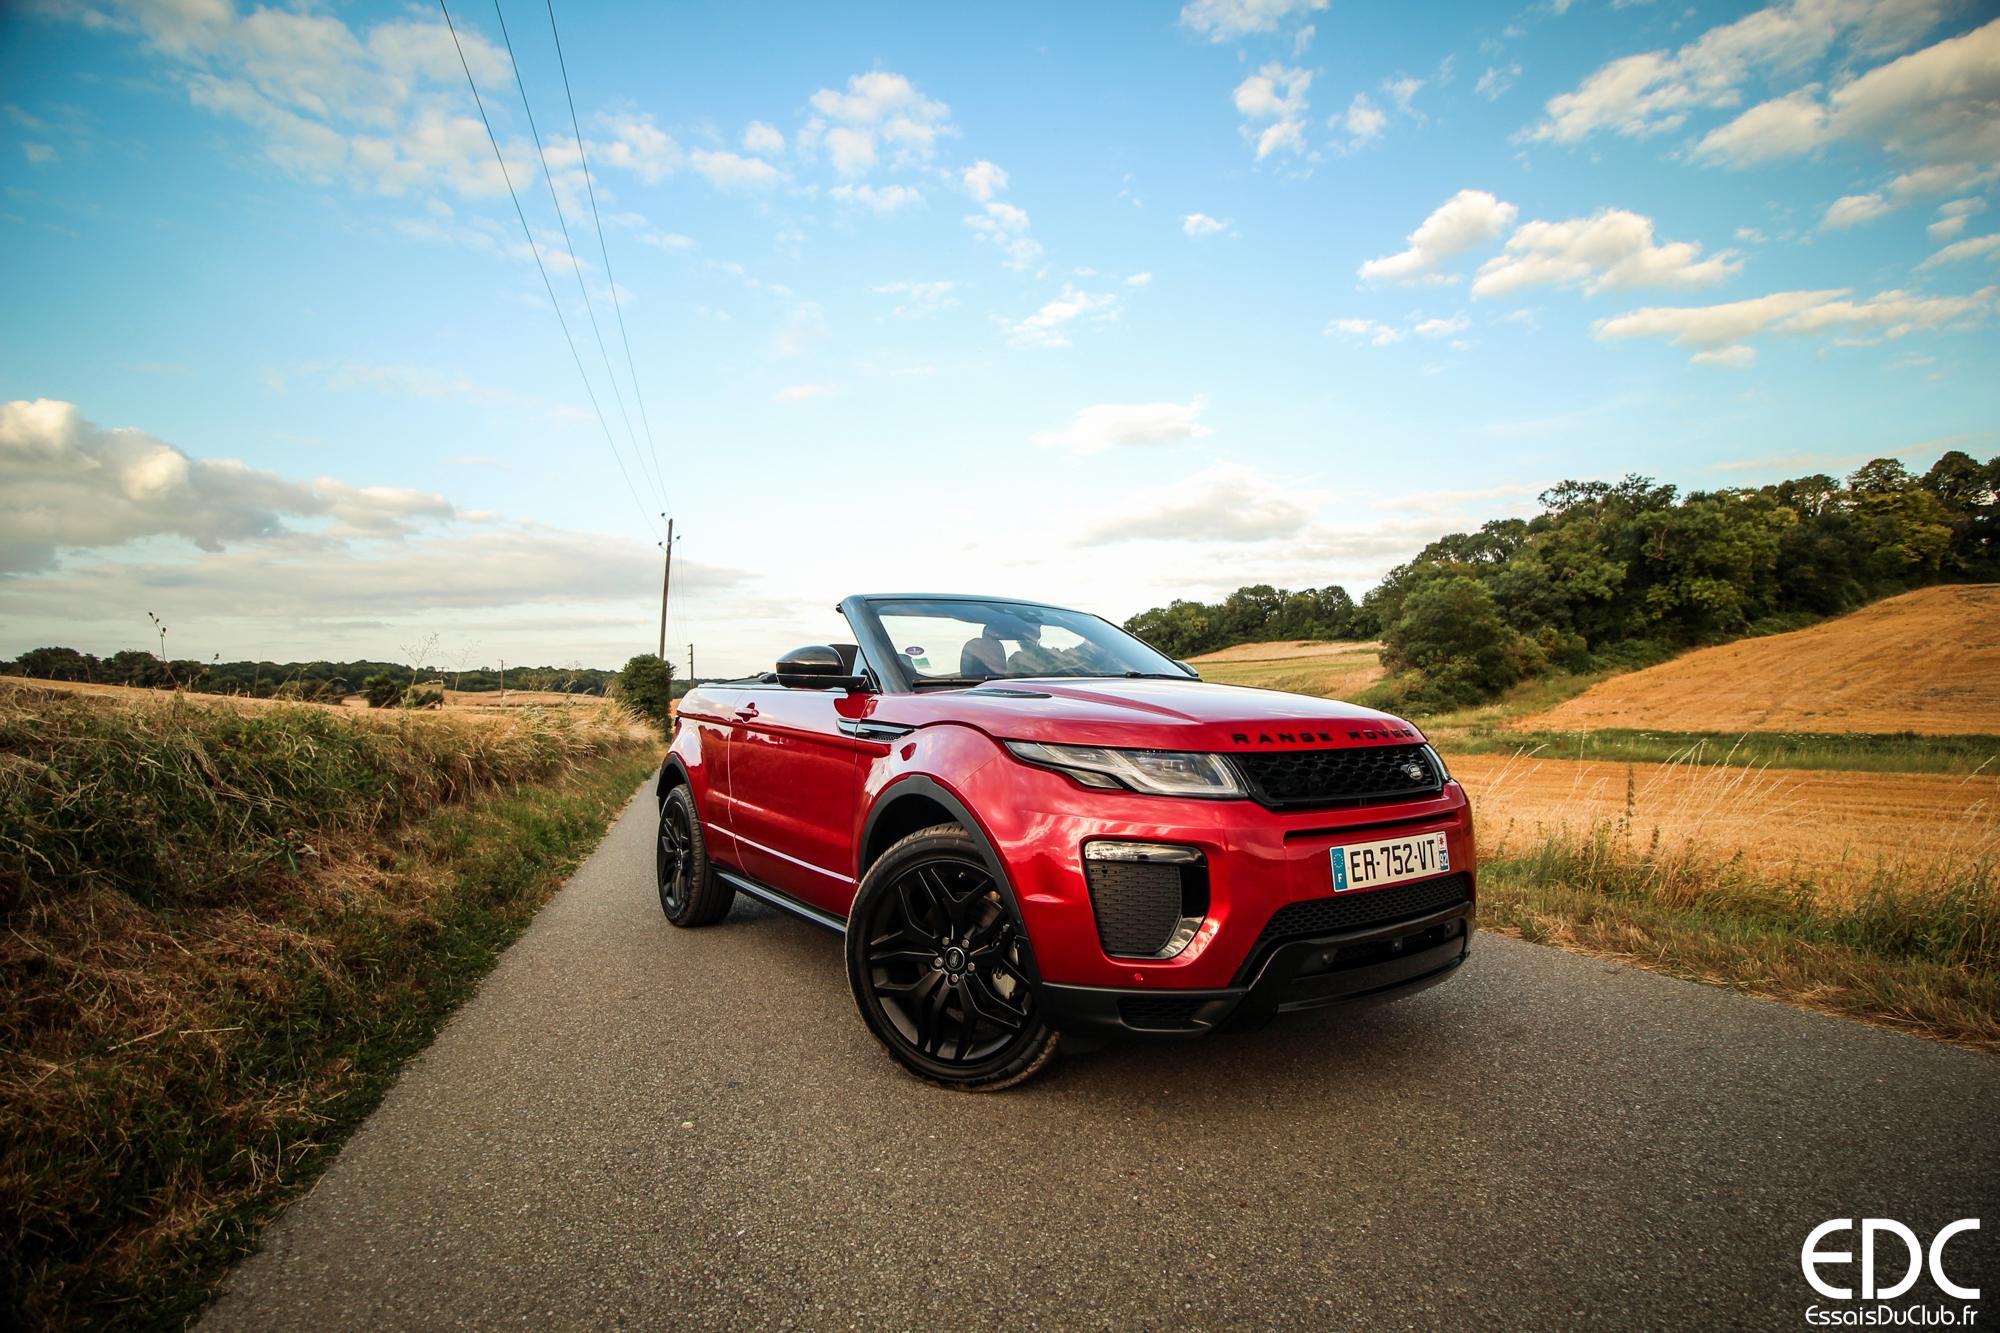 Range Rover Evoque cabrio test drive